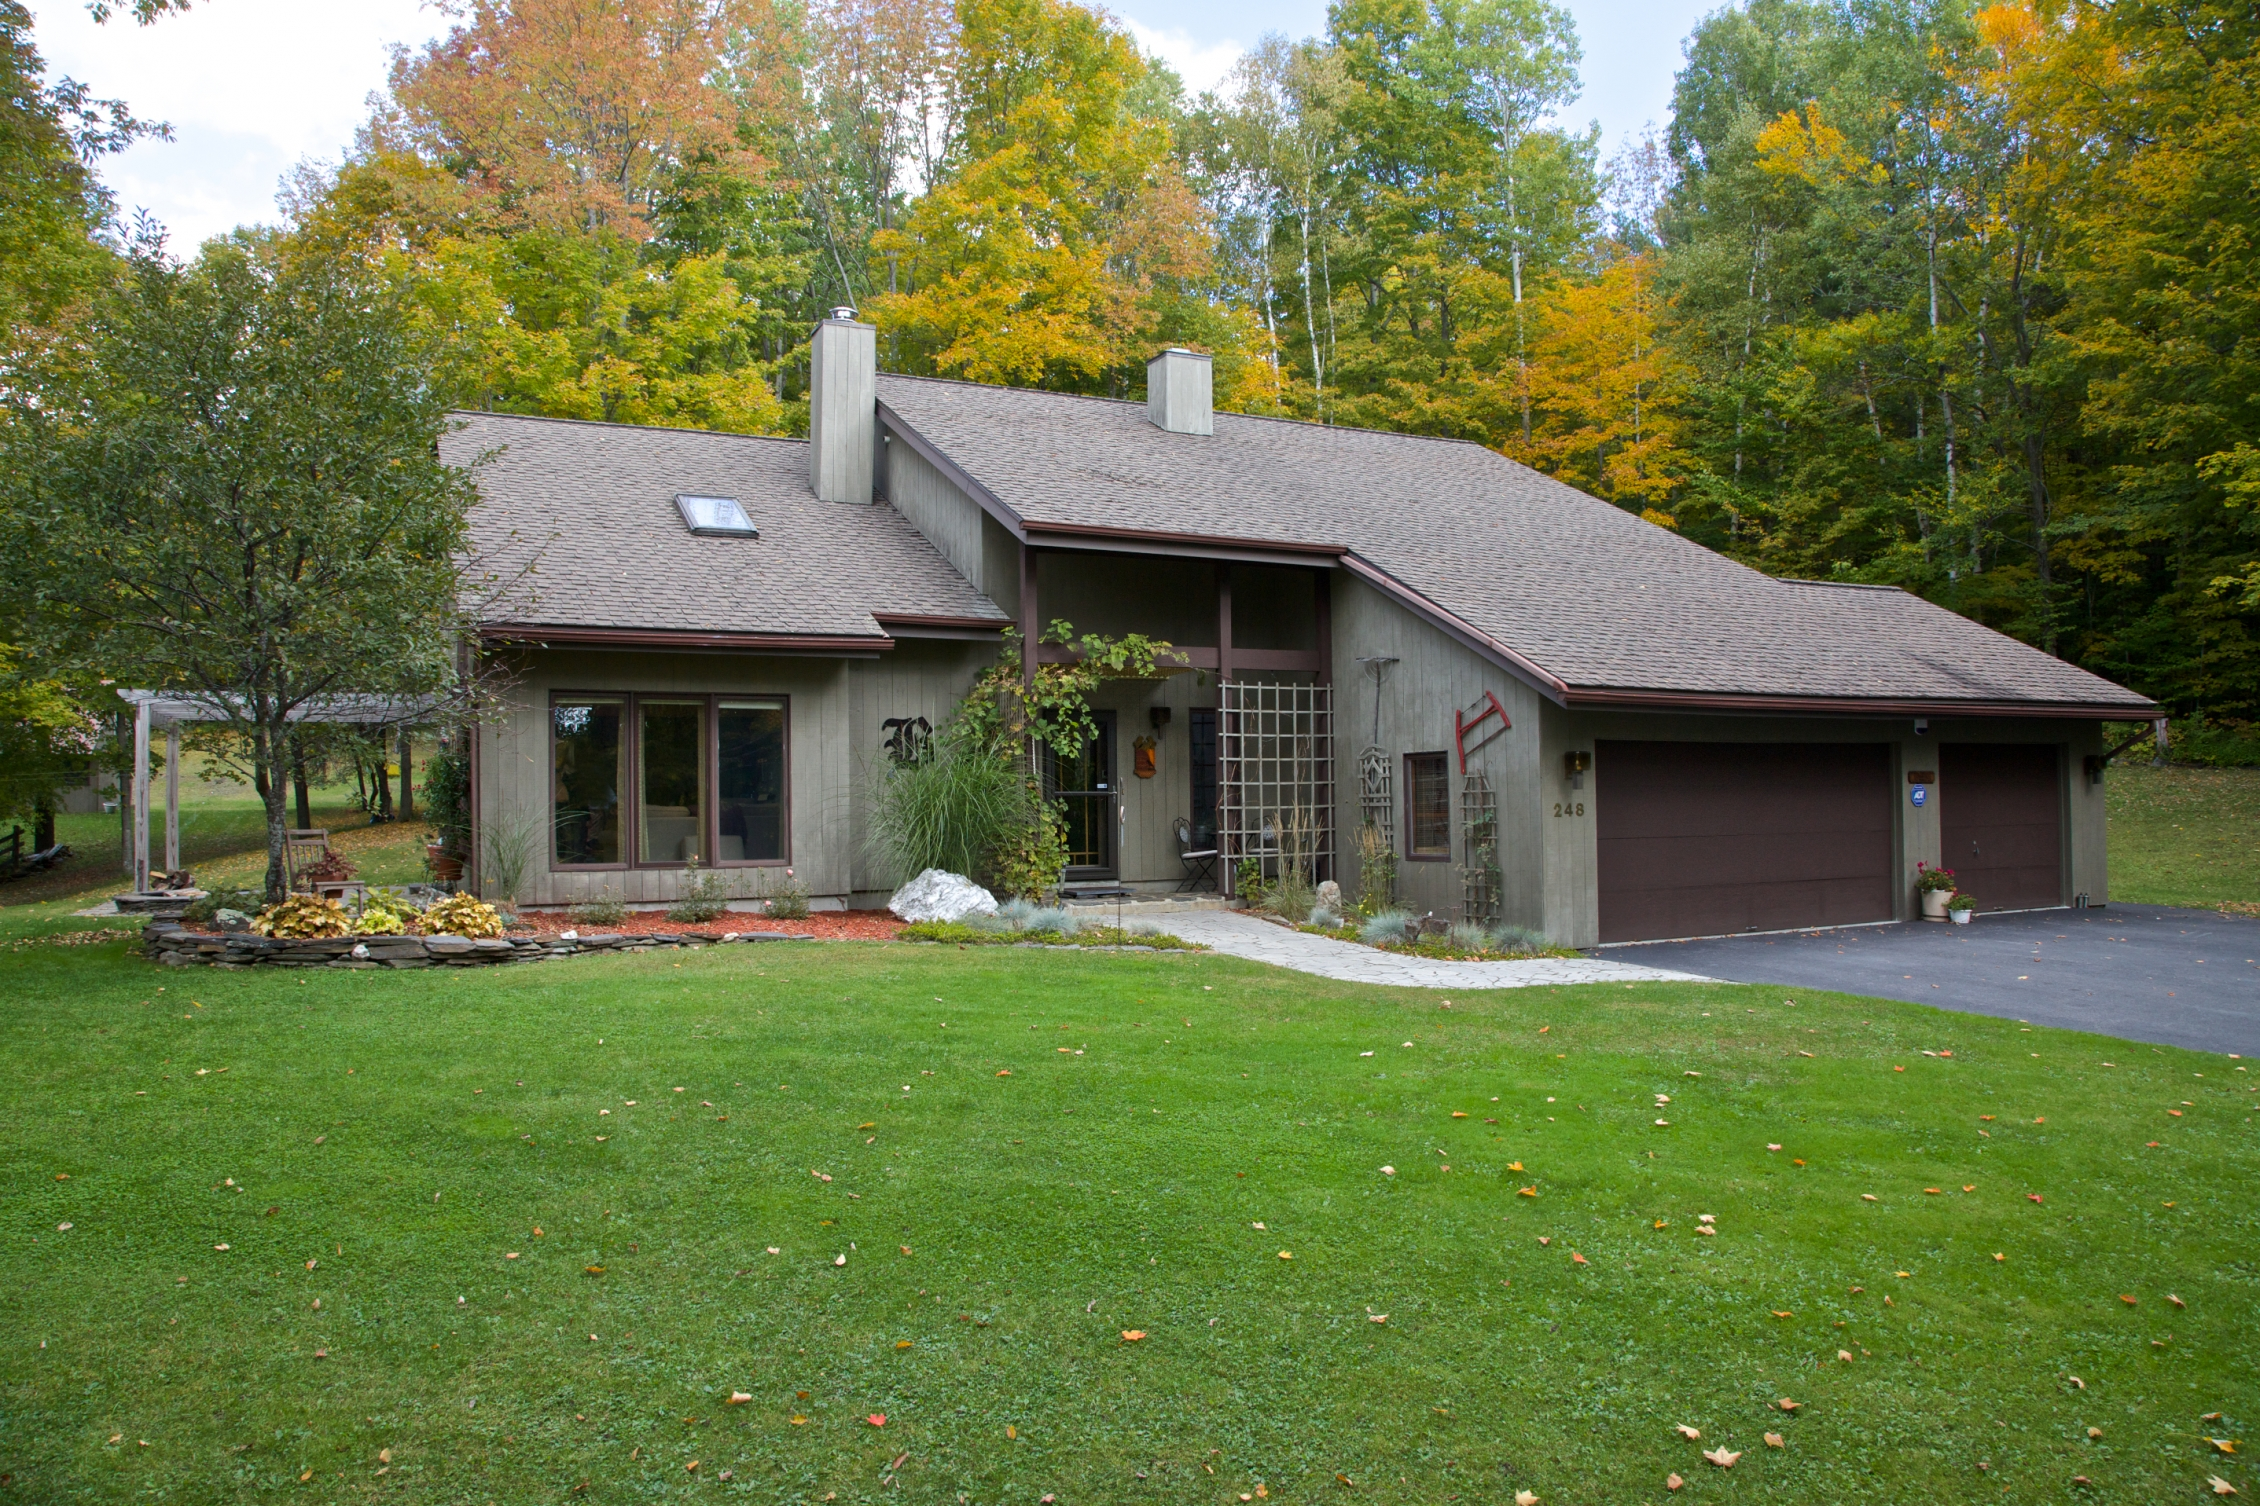 Maison unifamiliale pour l Vente à 248 Windywood Road, Barre Town 248 Windywood Rd Barre, Vermont 05641 États-Unis